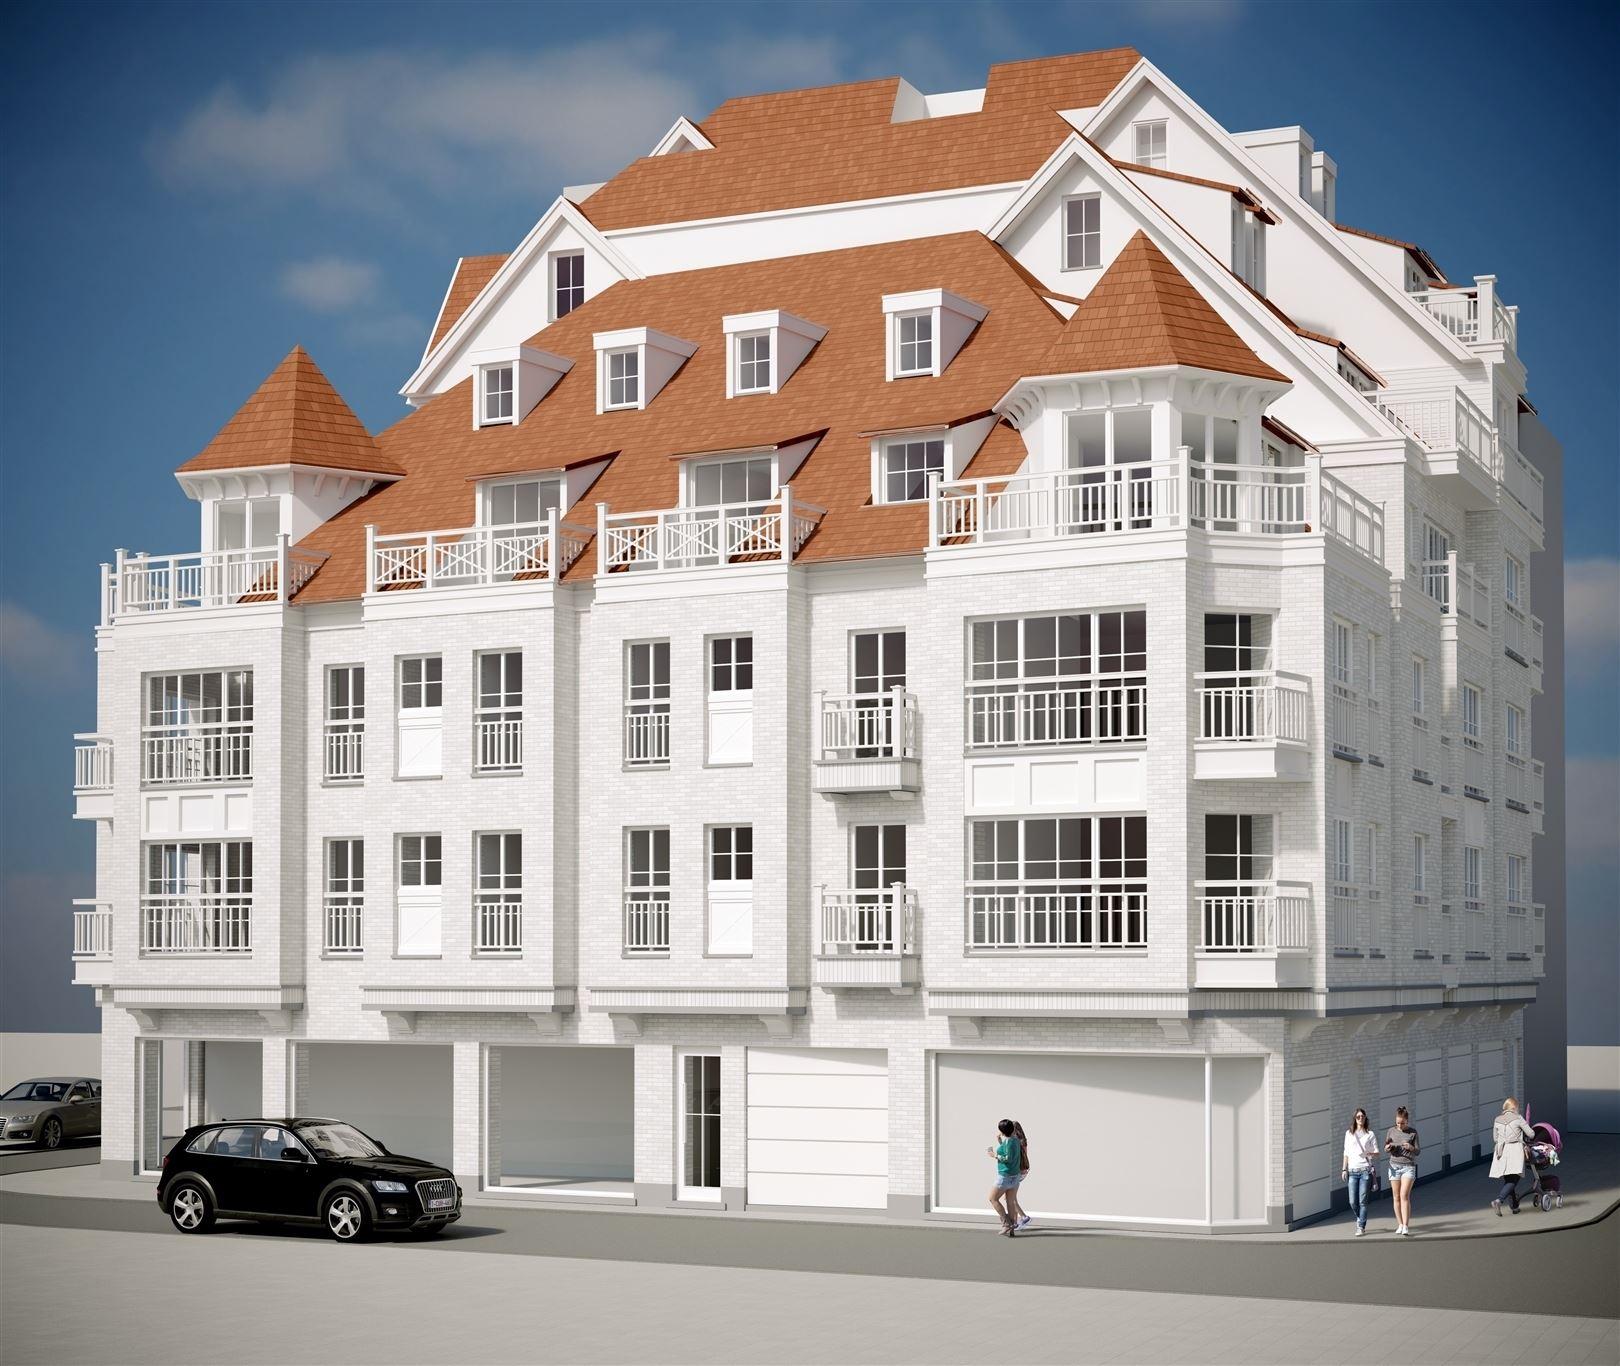 <a class='showAction btn-primary btn' href='/nl/vastgoed/4/nb-hamp0106/appartement-blankenberge-te-koop-nieuwbouw-2-slaapkamers-weststraat-17'>Ontdek deze aanbieding »</a>